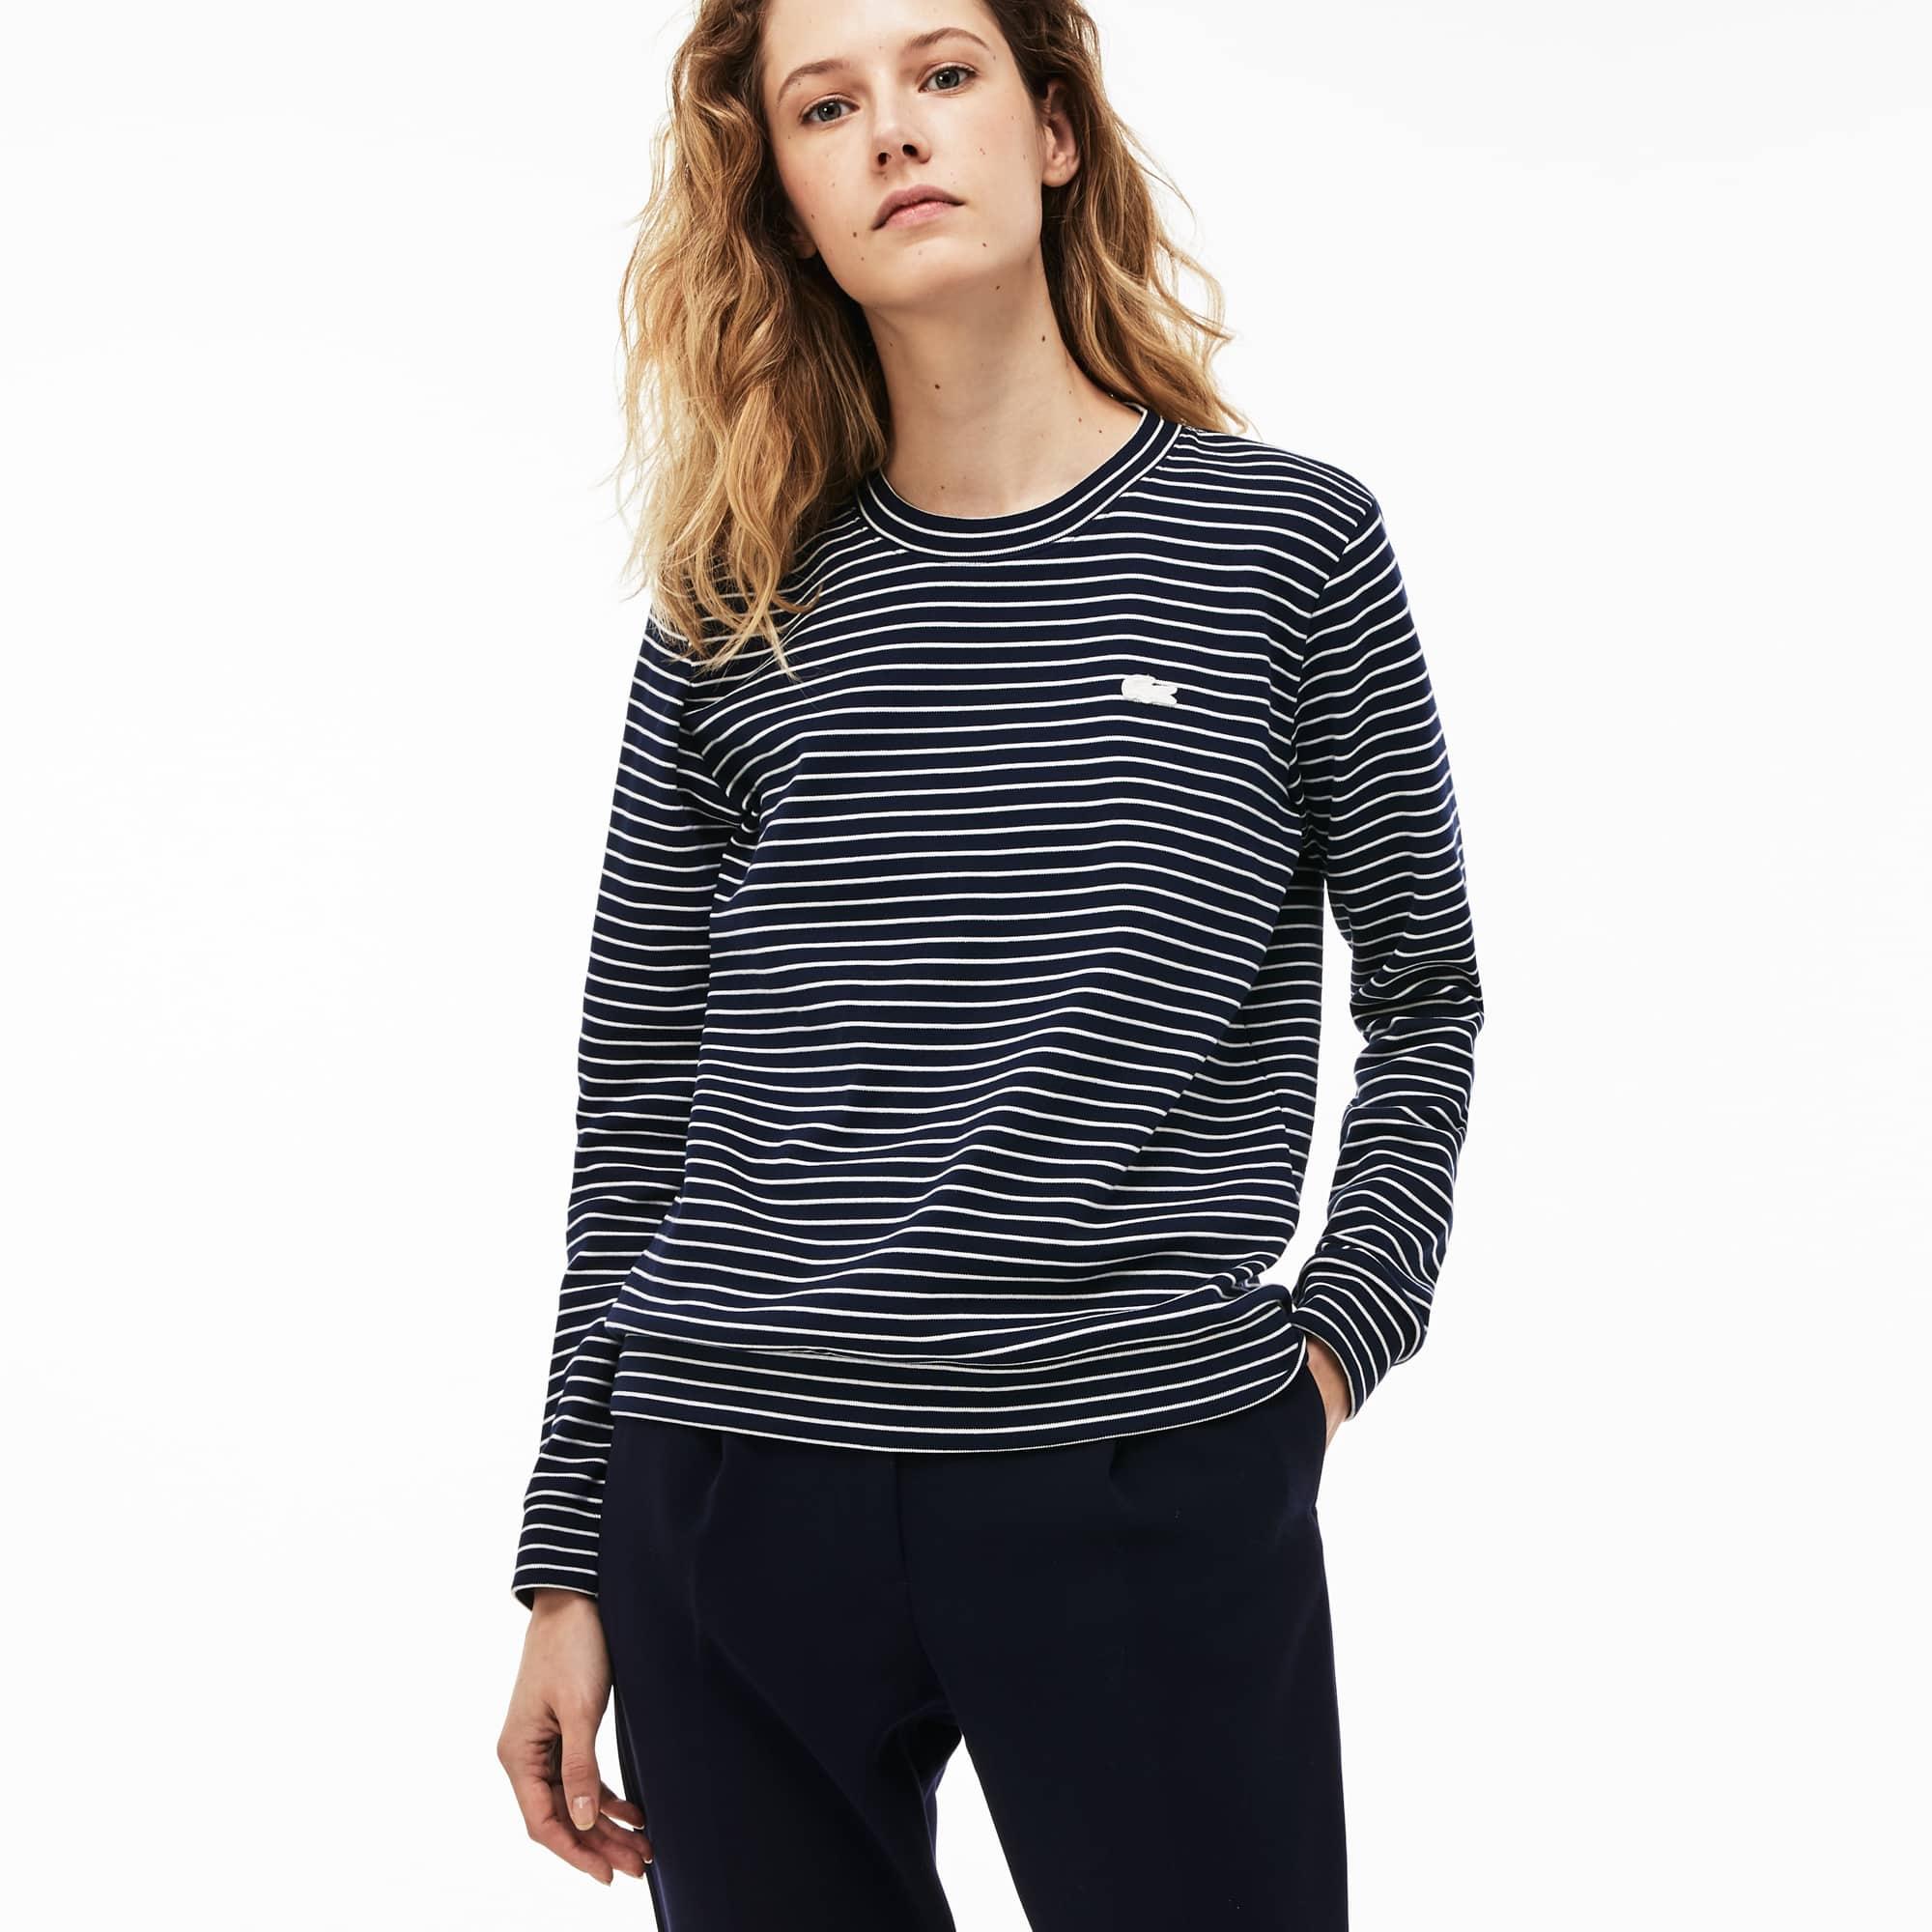 Women's Crew Neck Stretch Cotton Interlock Sweatshirt